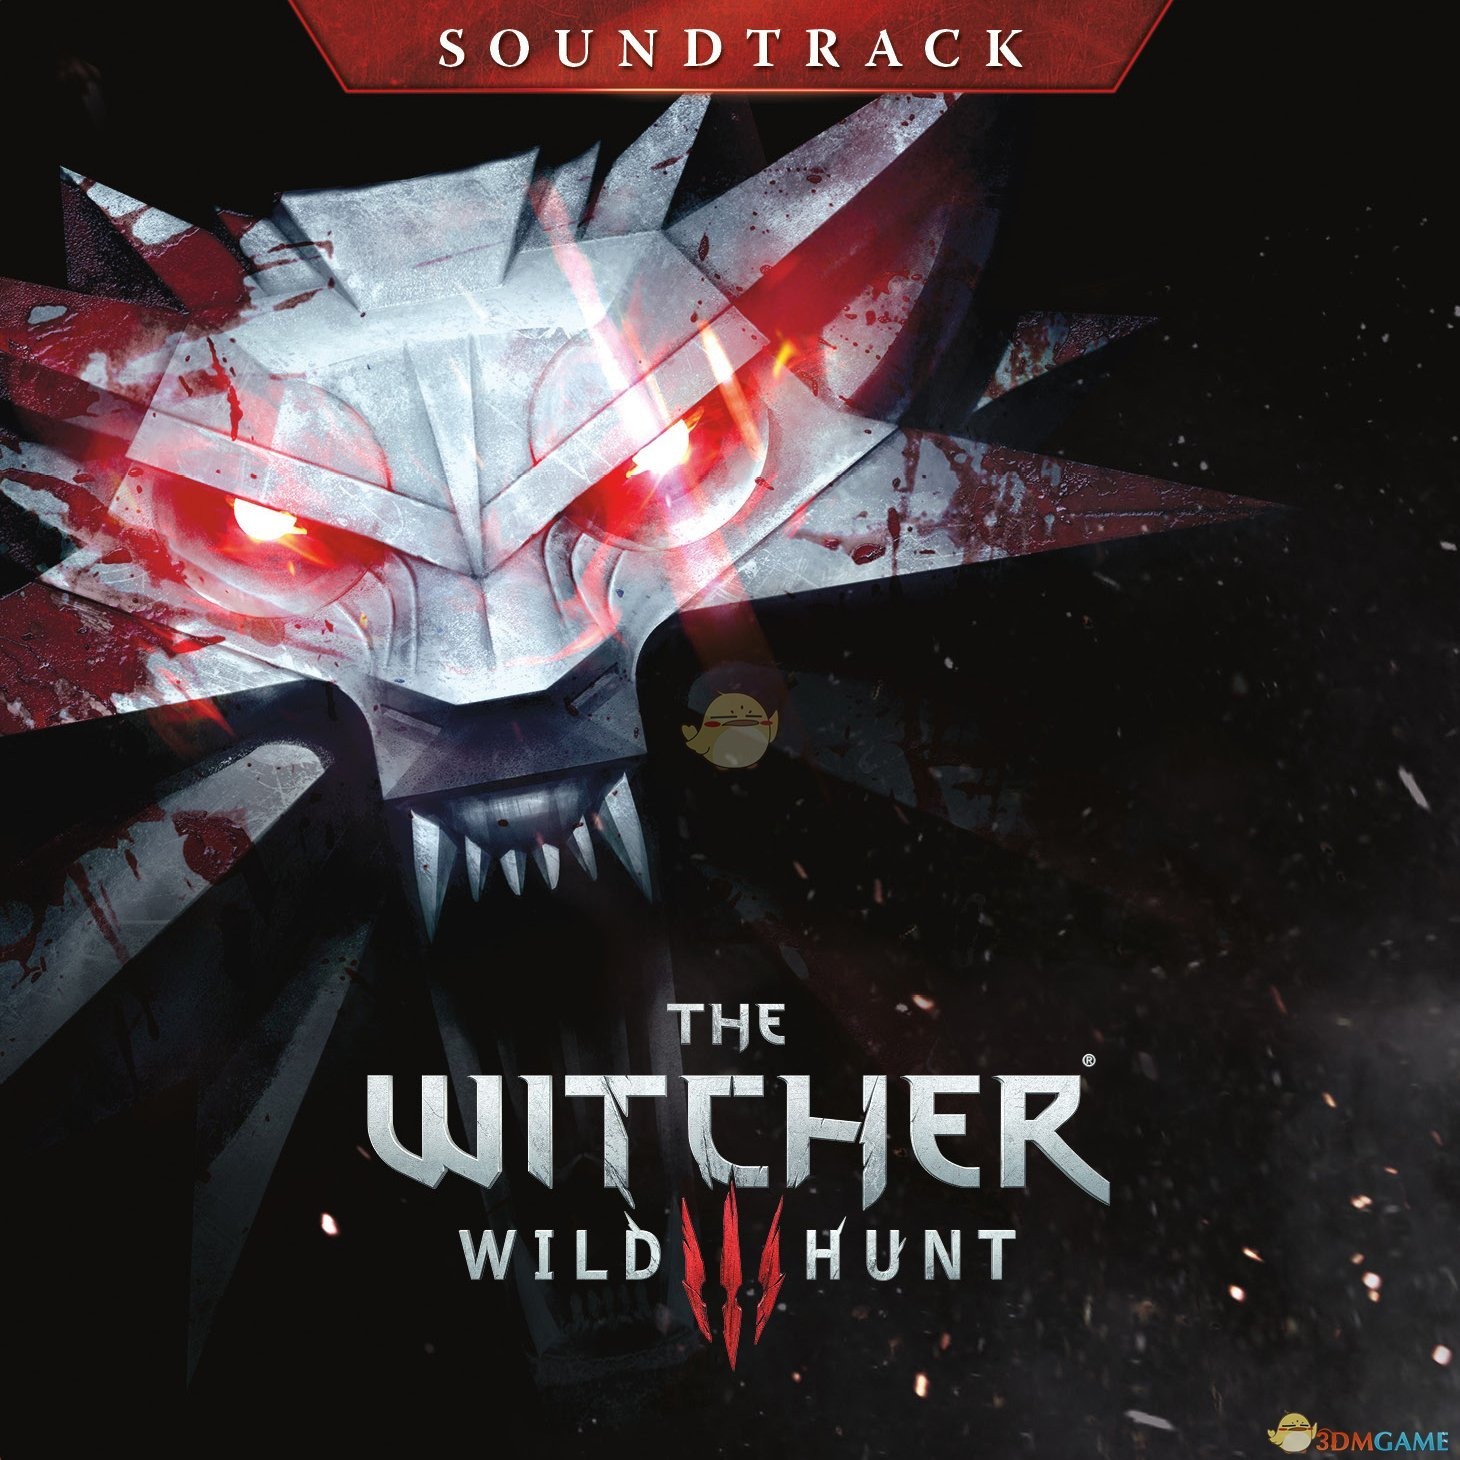 《巫师3:狂猎》官方原声无损OST